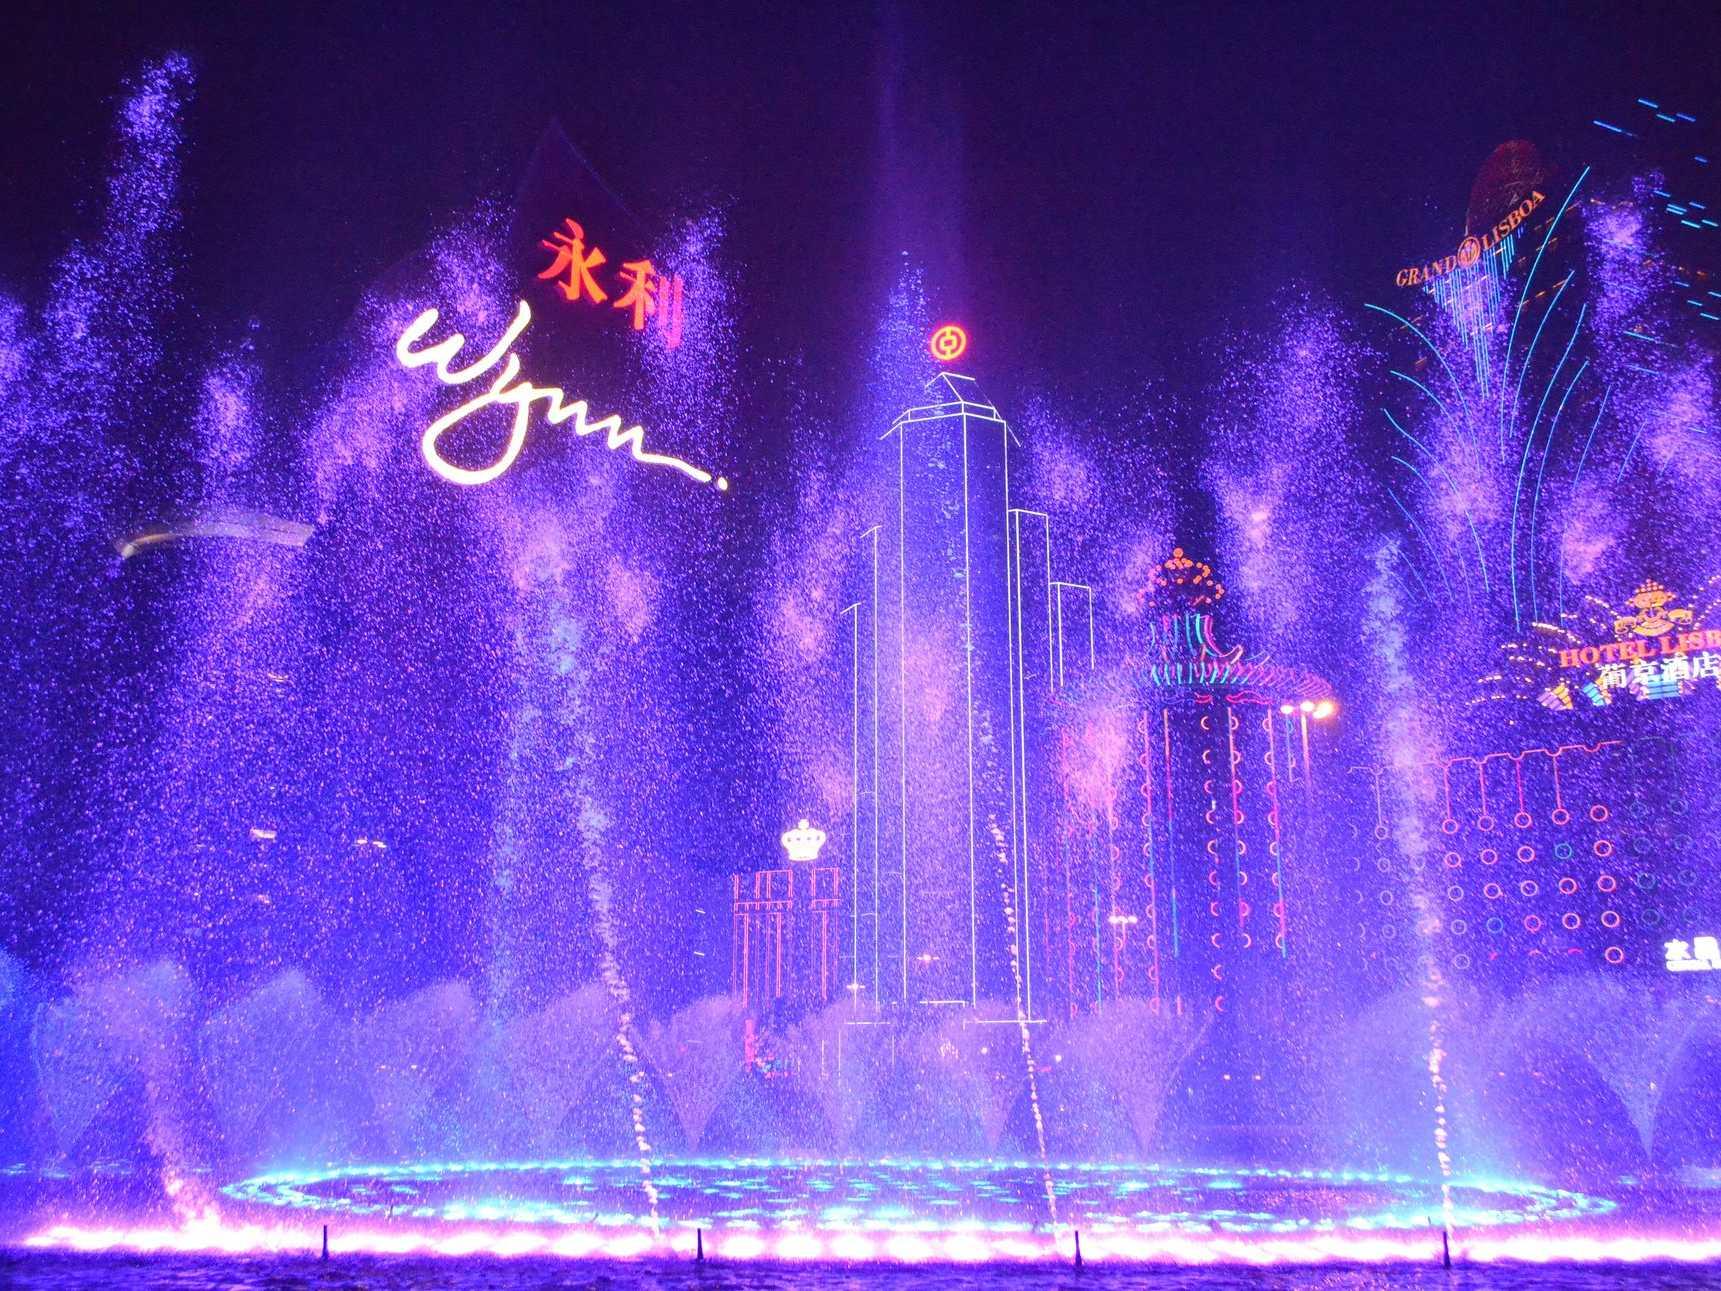 12) Wynn Resorts